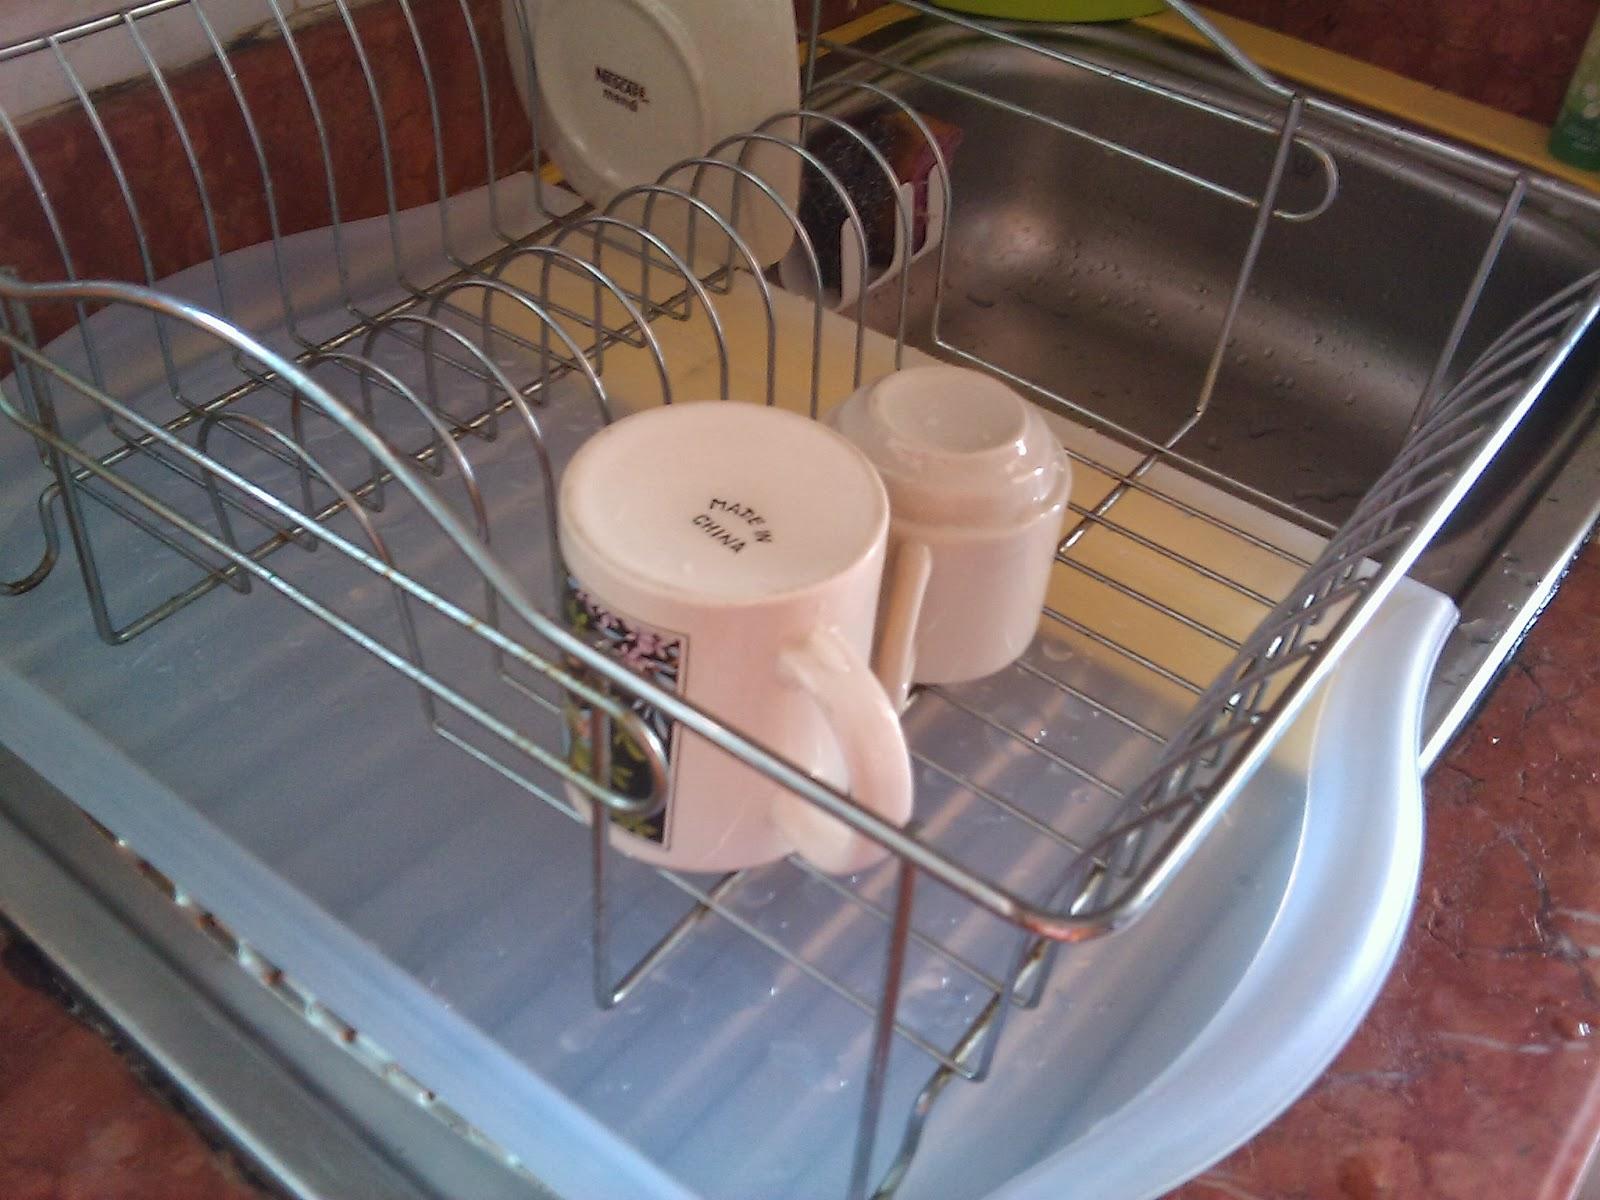 Fungsi 1 Lapik Pengering Pinggan Mangkuk Kat Sinki Ni Jadi Takyahle Mengelap Mencuci Atas Selalu Air Semua Menitik Tray Aje